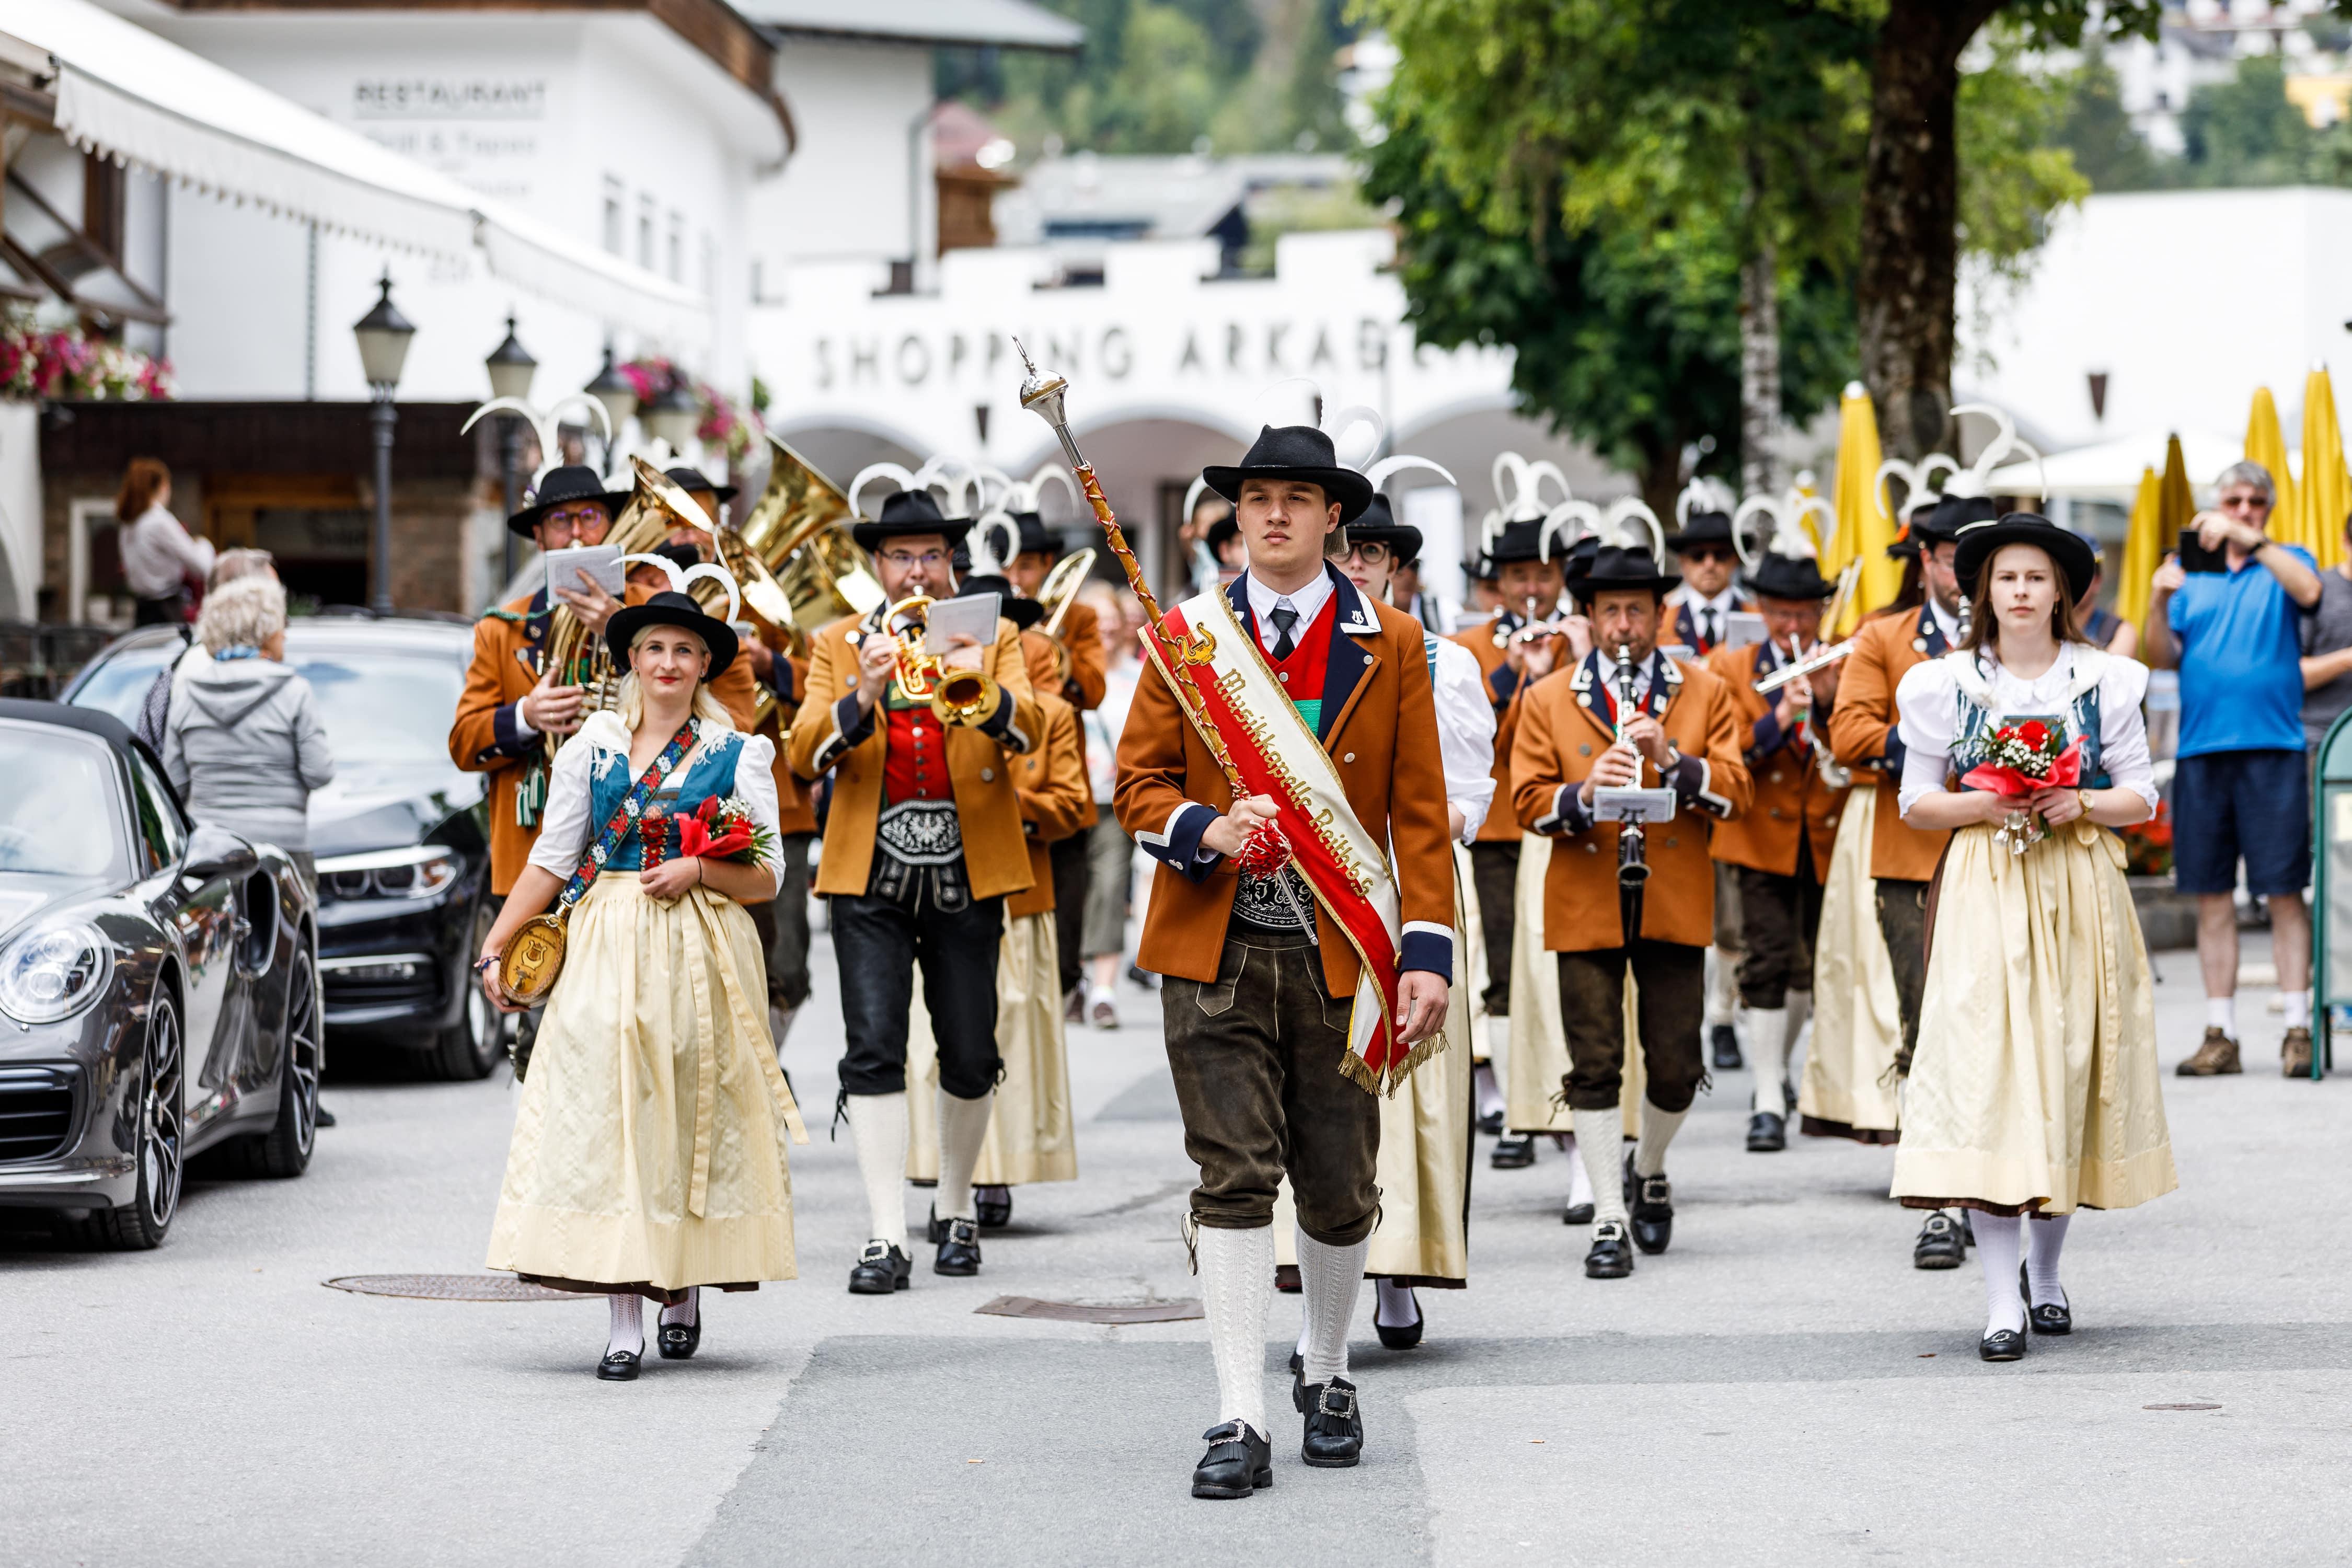 Kultur und Brauchtum in Seefeld